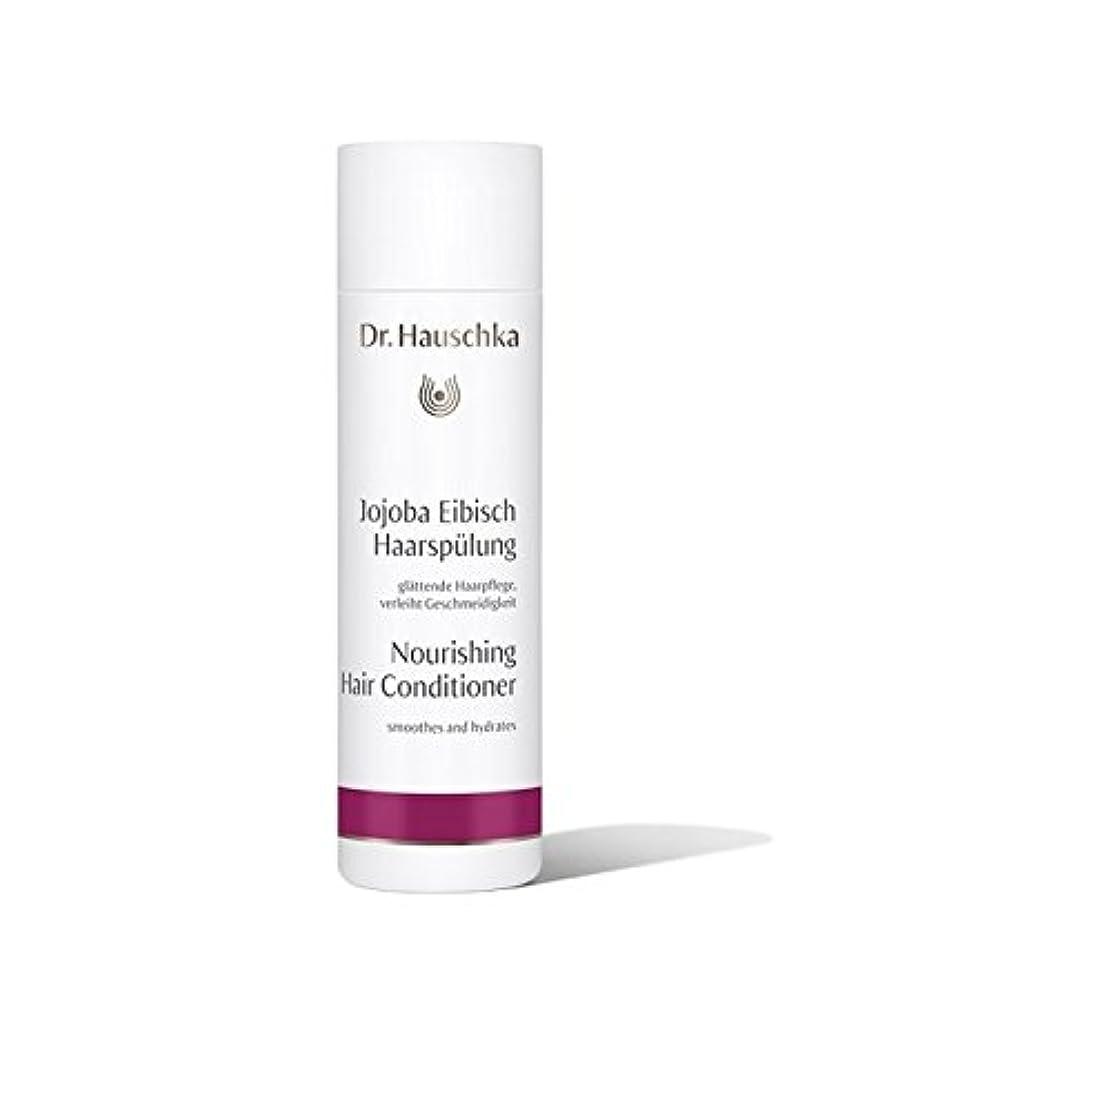 恥叫び声予感ハウシュカ栄養ヘアコンディショナー(200ミリリットル) x4 - Dr. Hauschka Nourishing Hair Conditioner (200ml) (Pack of 4) [並行輸入品]